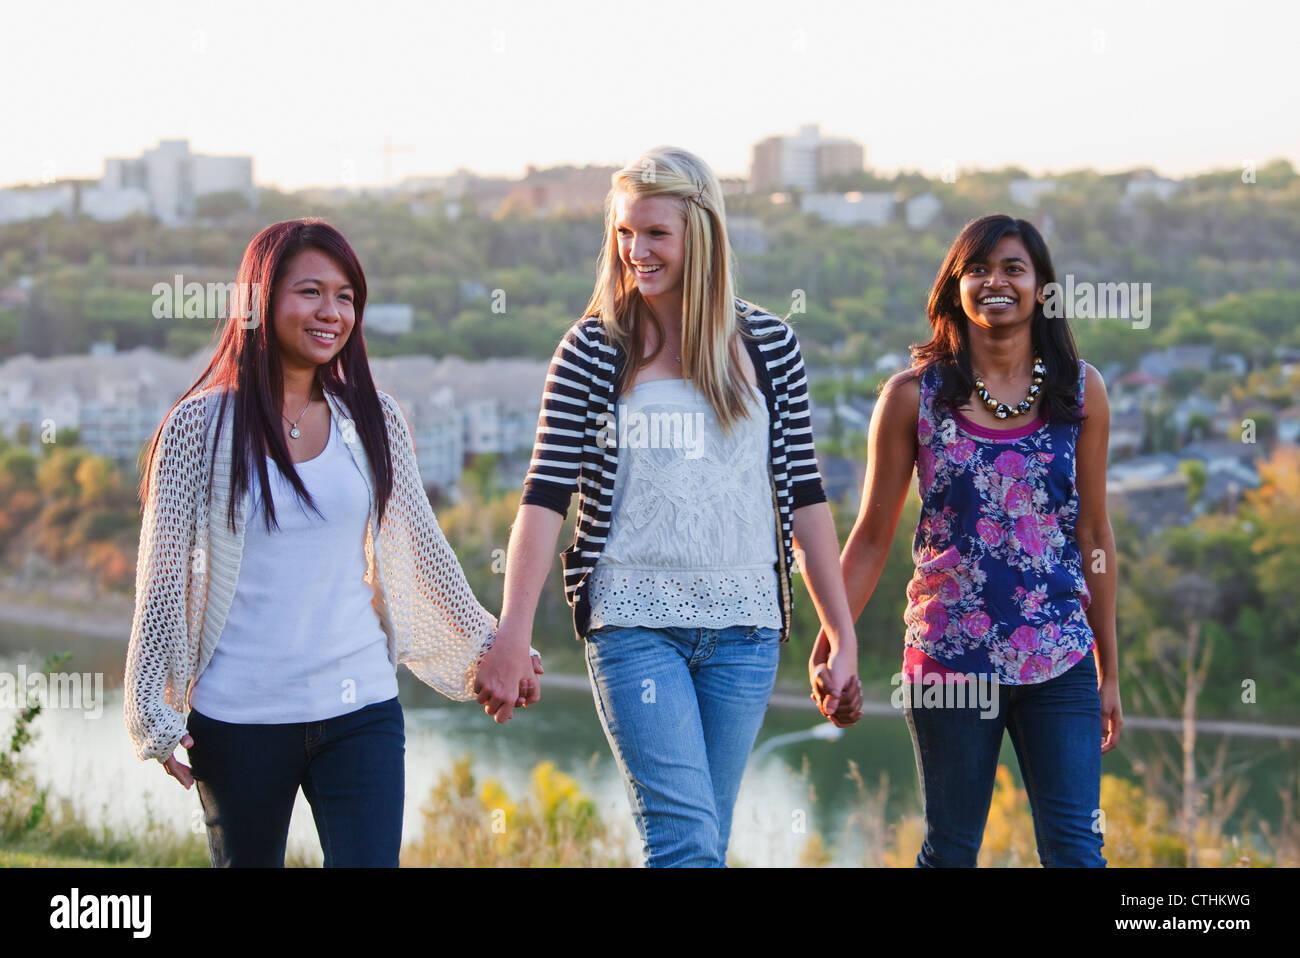 Amigos caminando en un parque de la ciudad con el perfil de la ciudad de fondo; en Edmonton, Alberta, Canadá Foto de stock